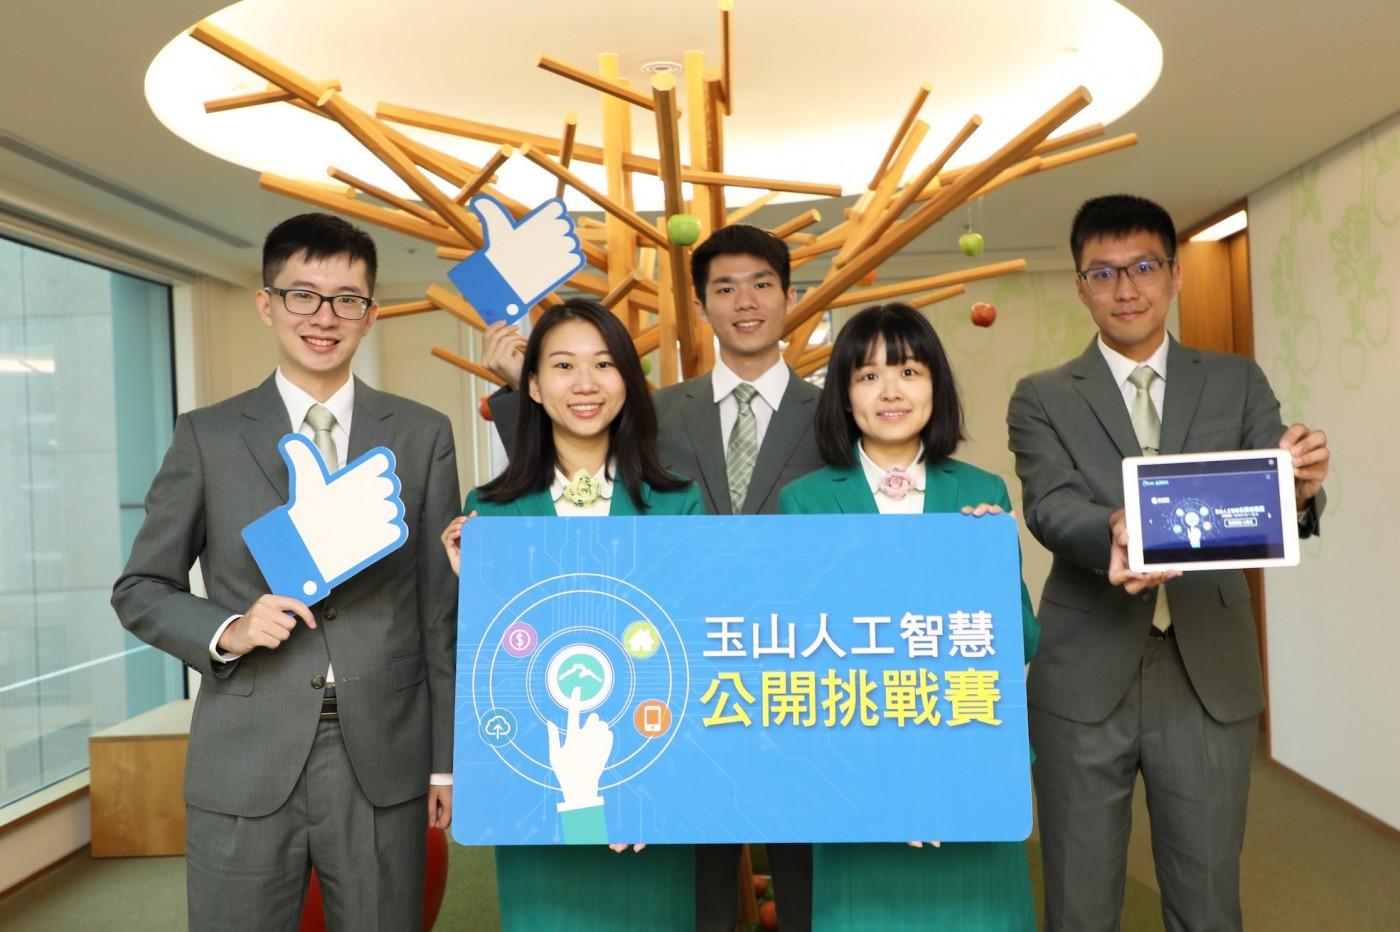 金融業首度AI競賽 「玉山人工智慧公開挑戰賽」開跑